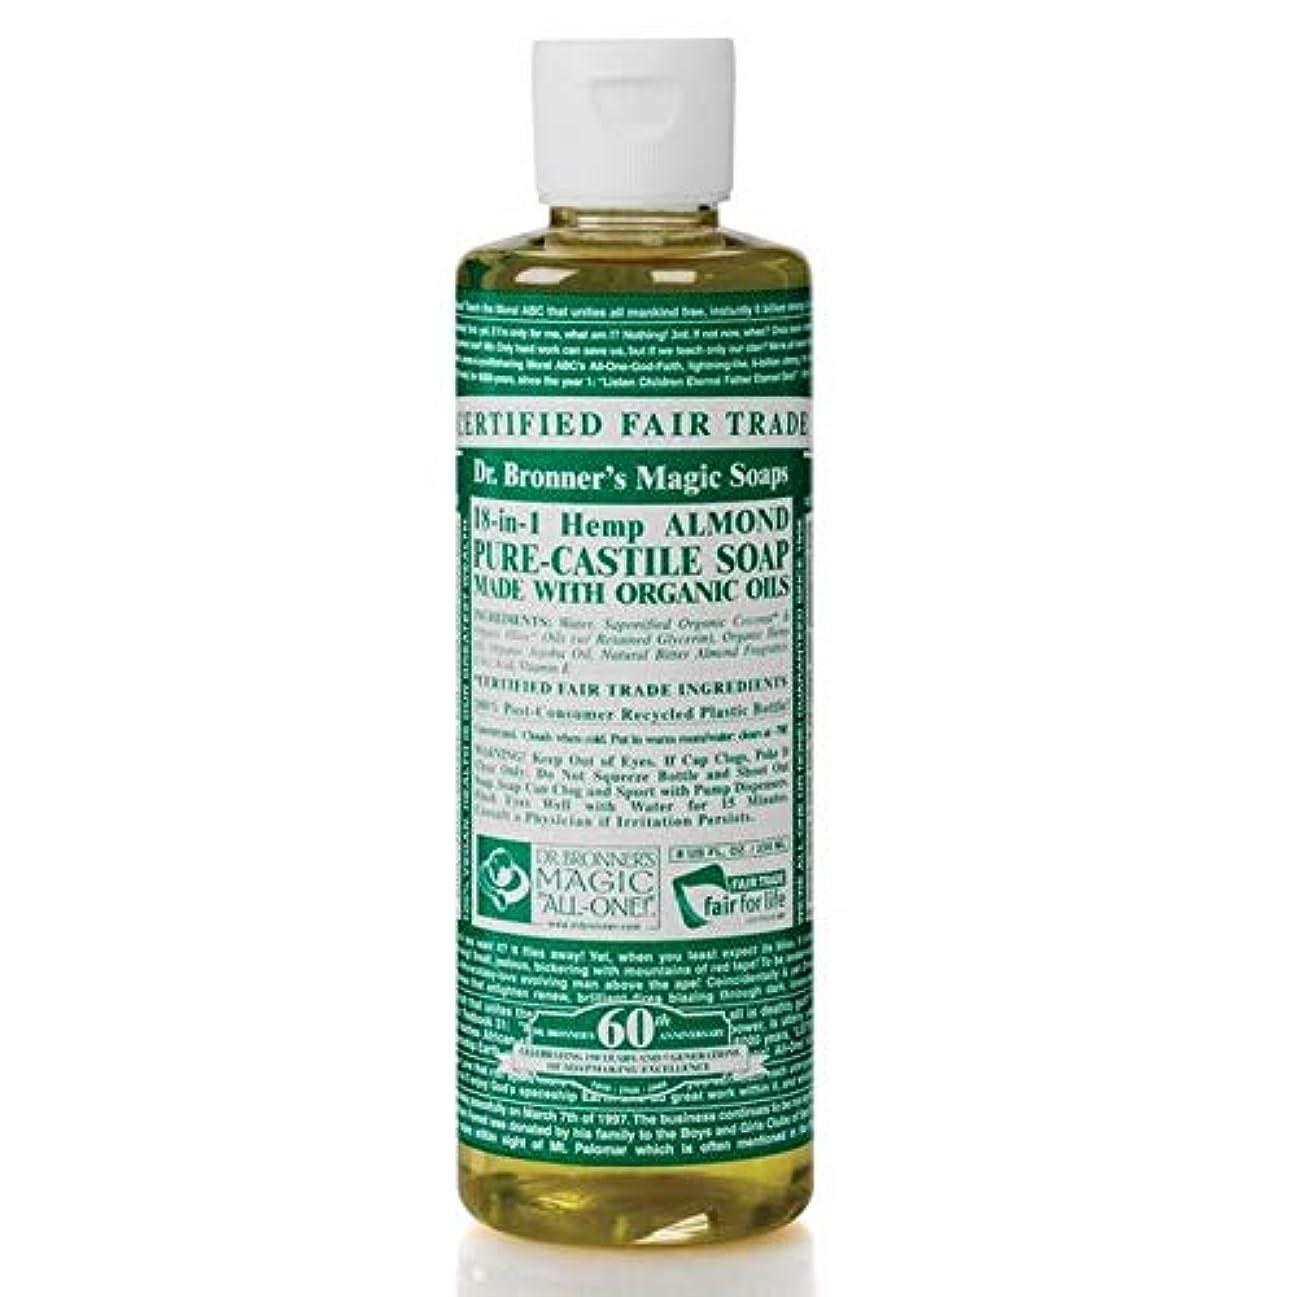 風刺戻す攻撃[Dr Bronner] Dr。ブロナーズ有機アーモンドカスティーリャ液体石鹸473ミリリットル - Dr. Bronner's Organic Almond Castile Liquid Soap 473ml [並行輸入品]